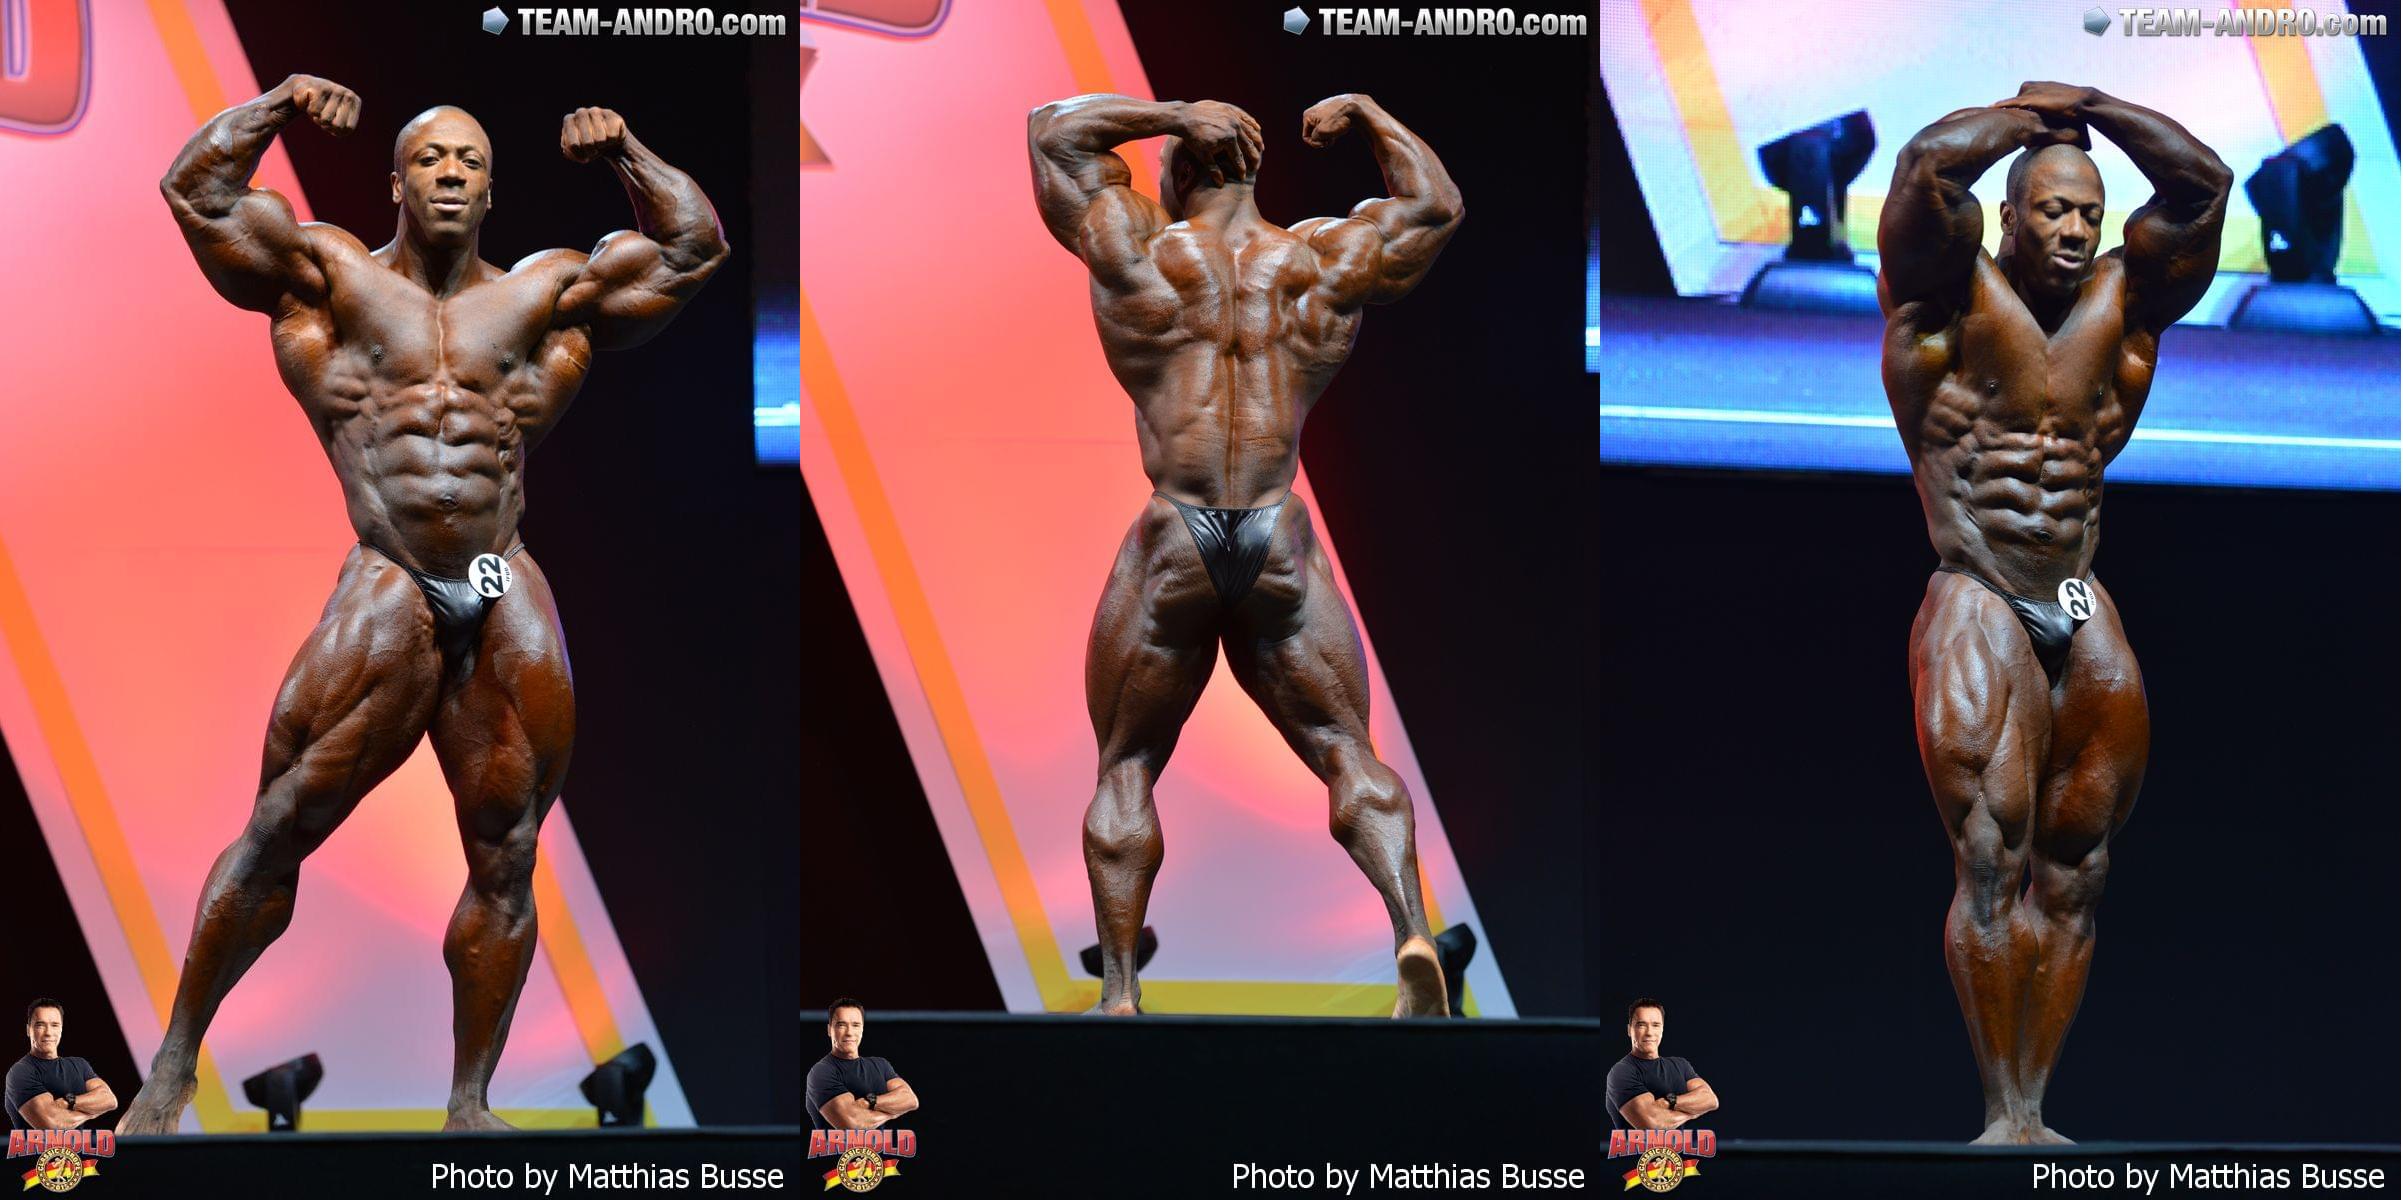 Shawn Rhoden (USA) - 2 место